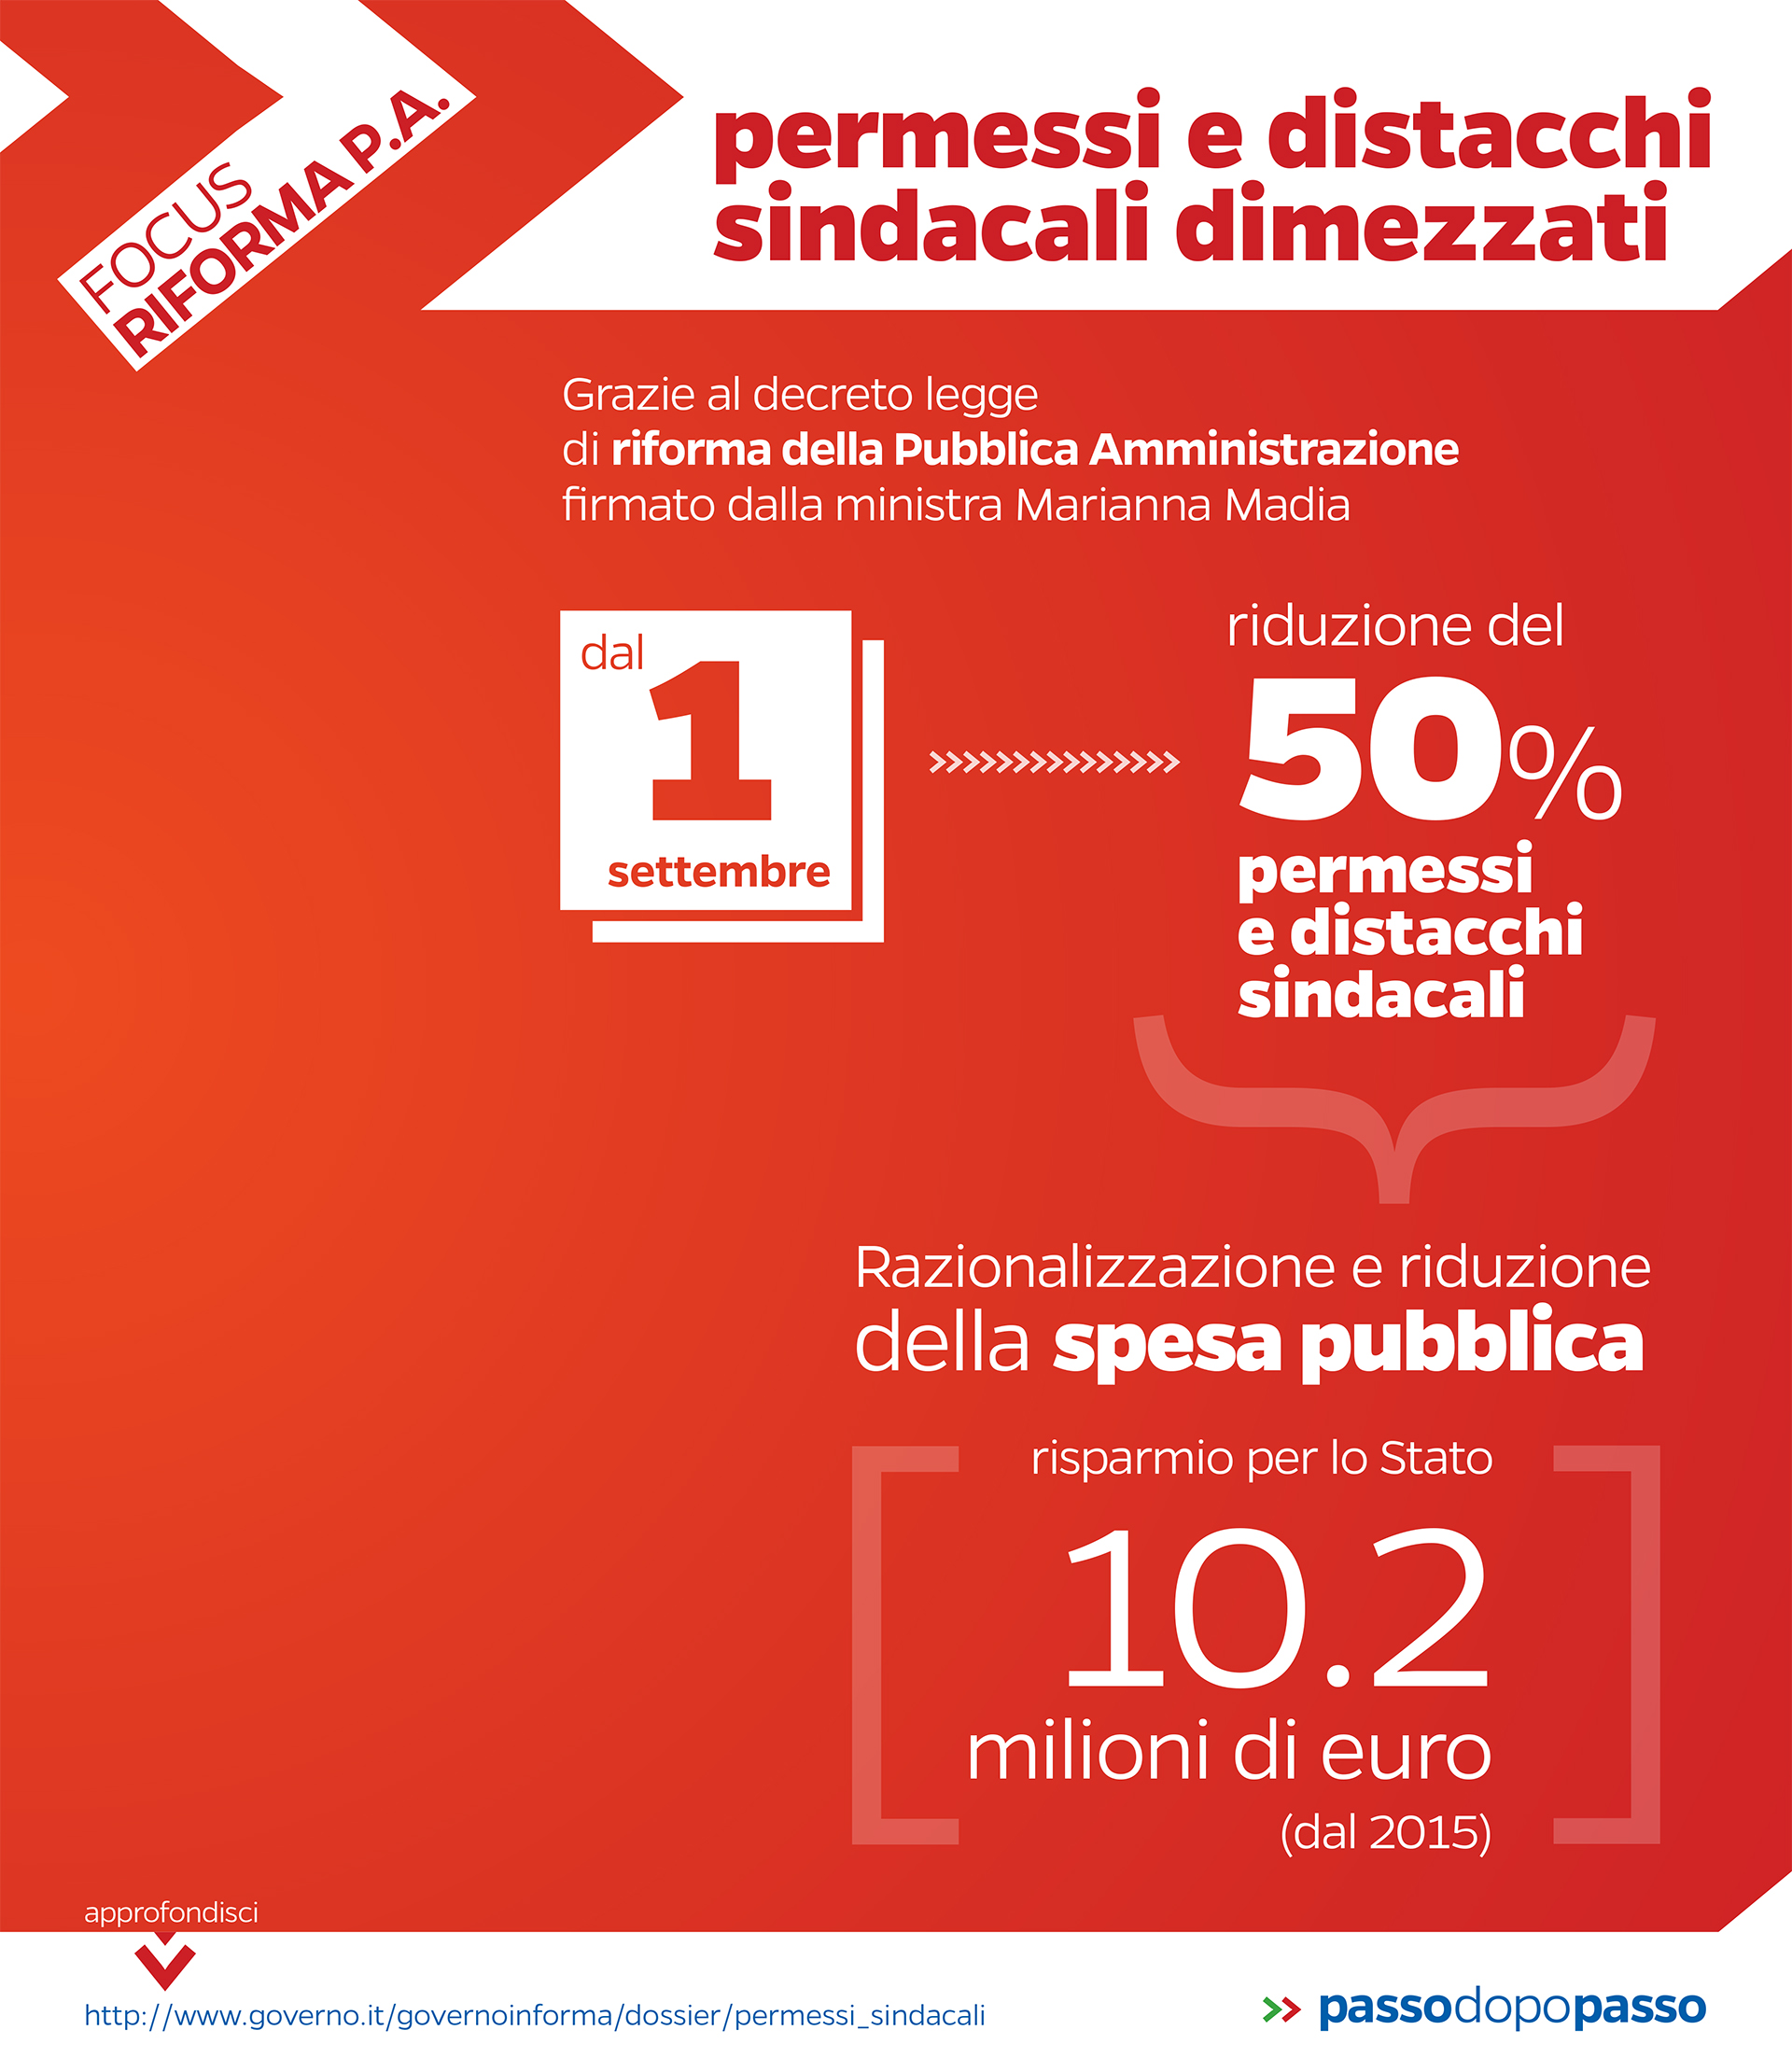 Infografica: Dimezzamento dei permessi sindacali, un risparmio da 10 milioni